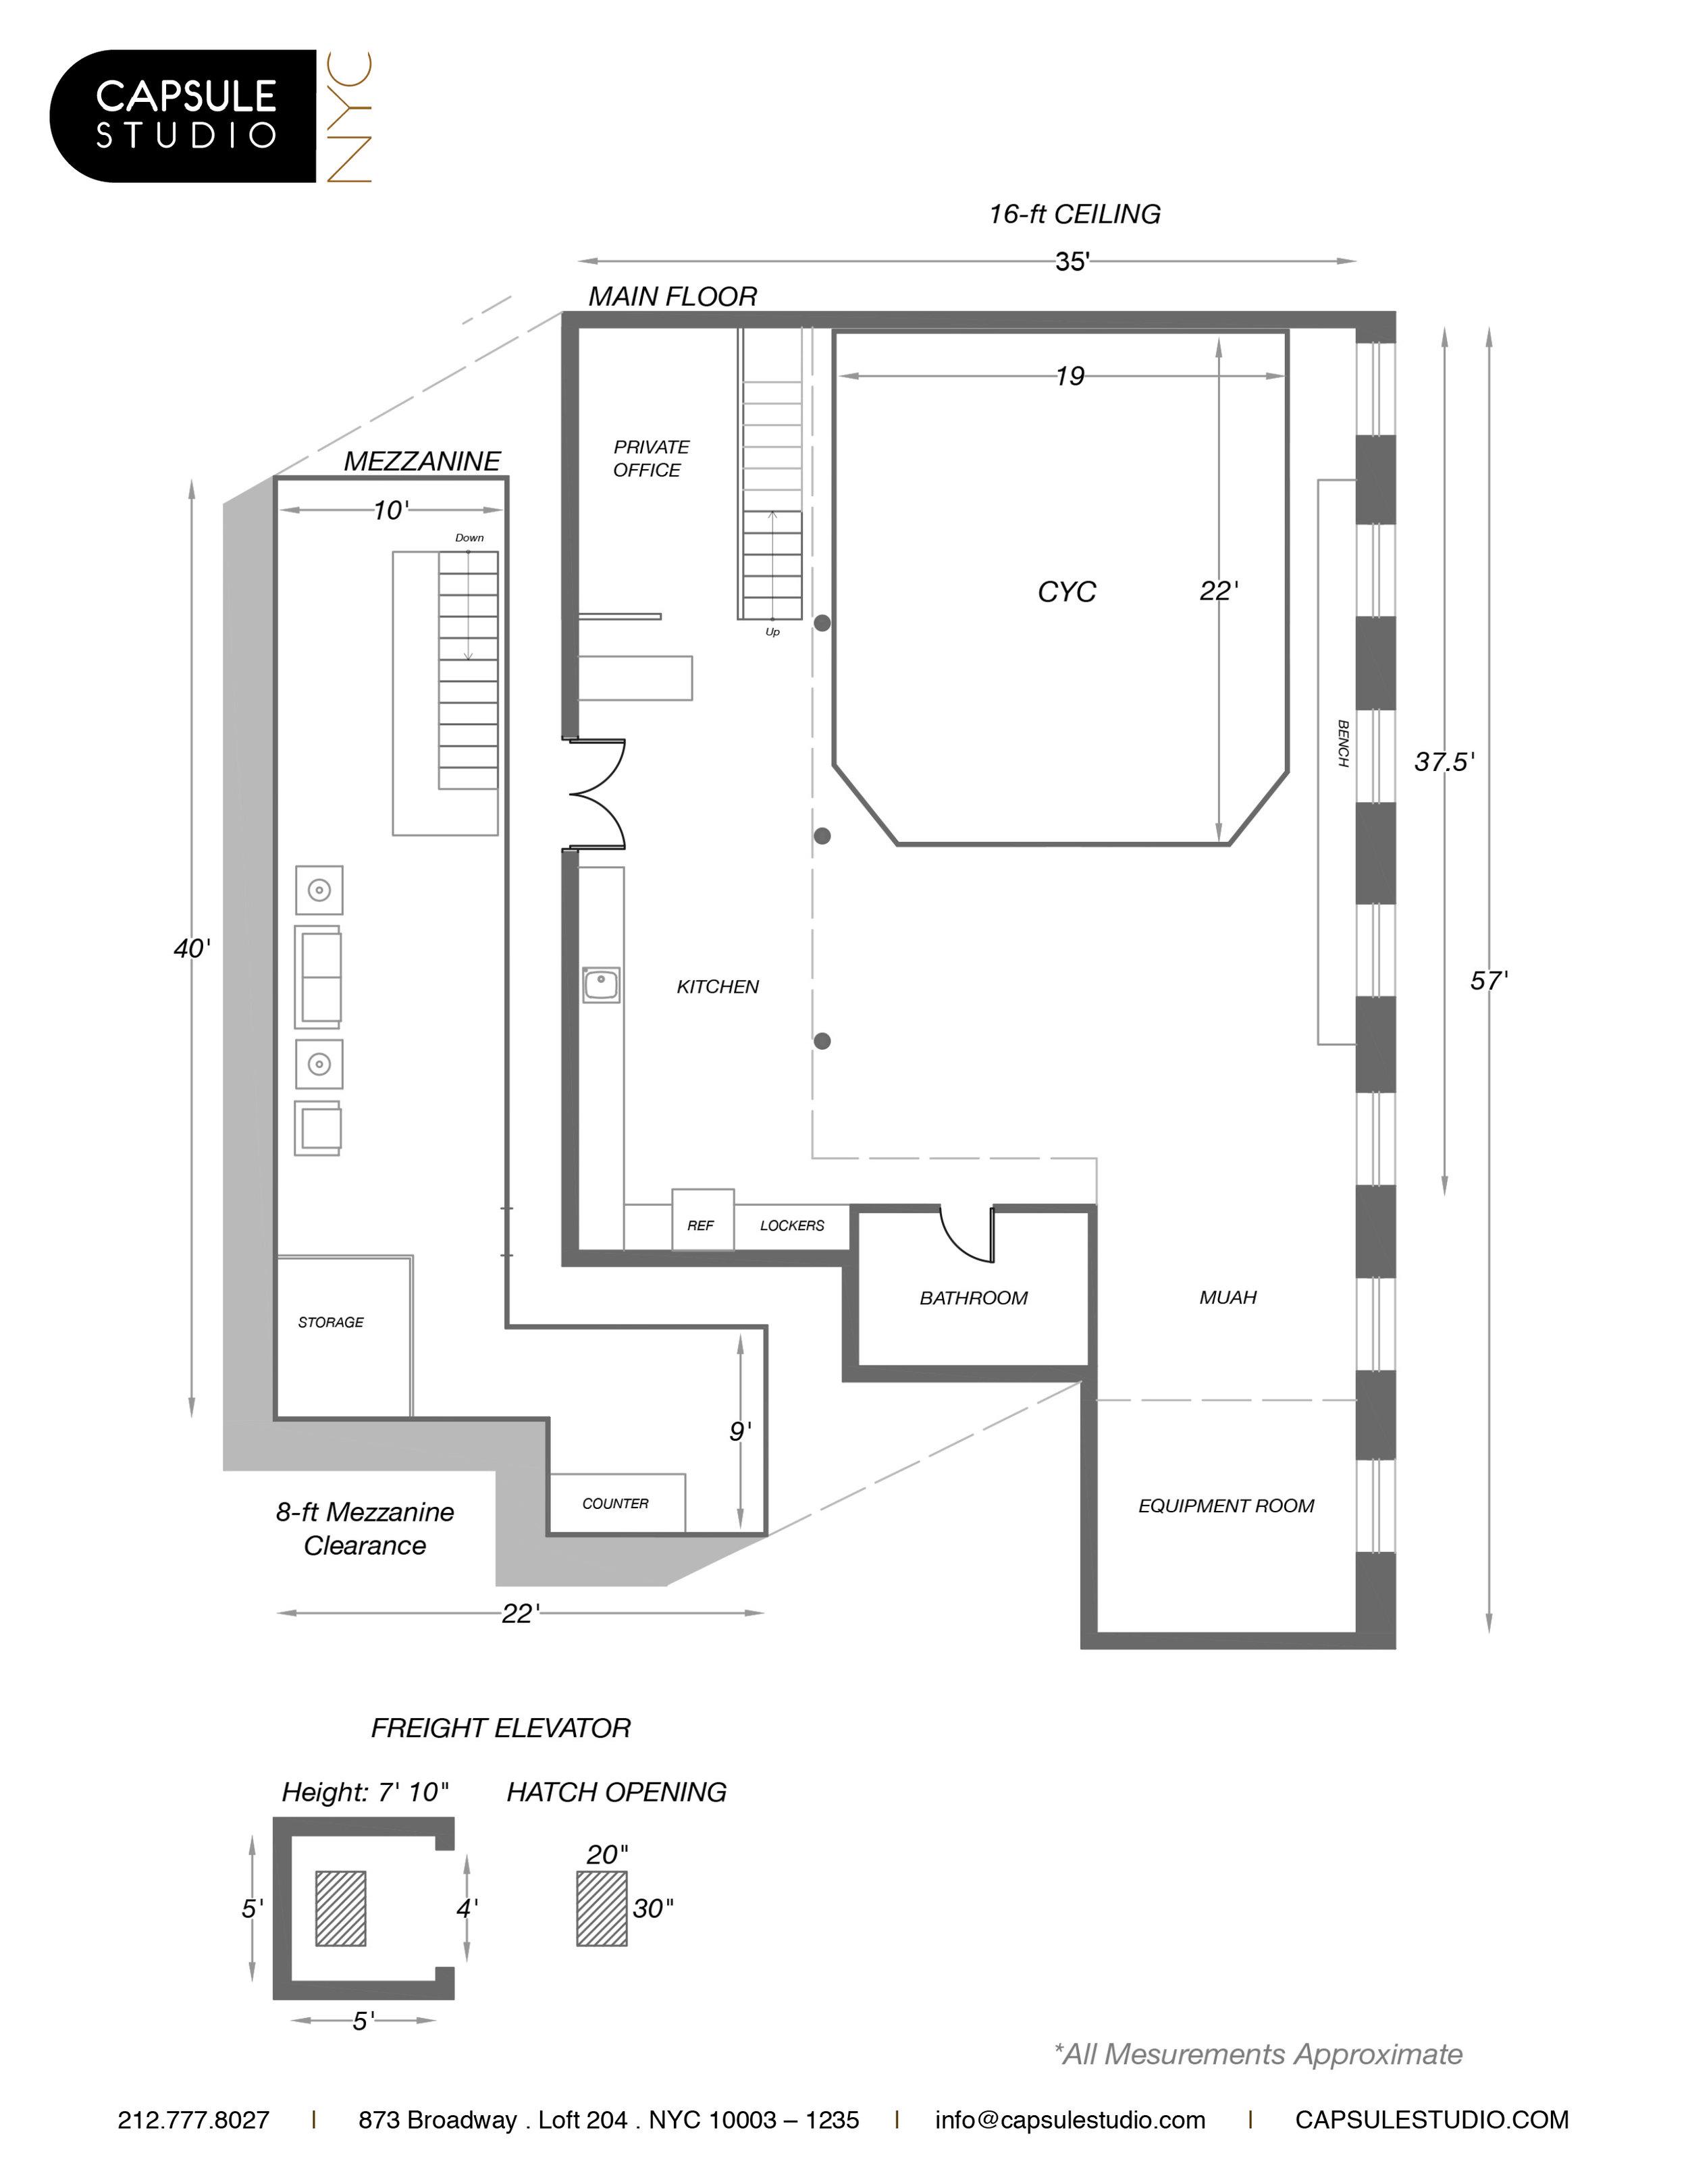 Main Floor Plan.Capsule.jpg